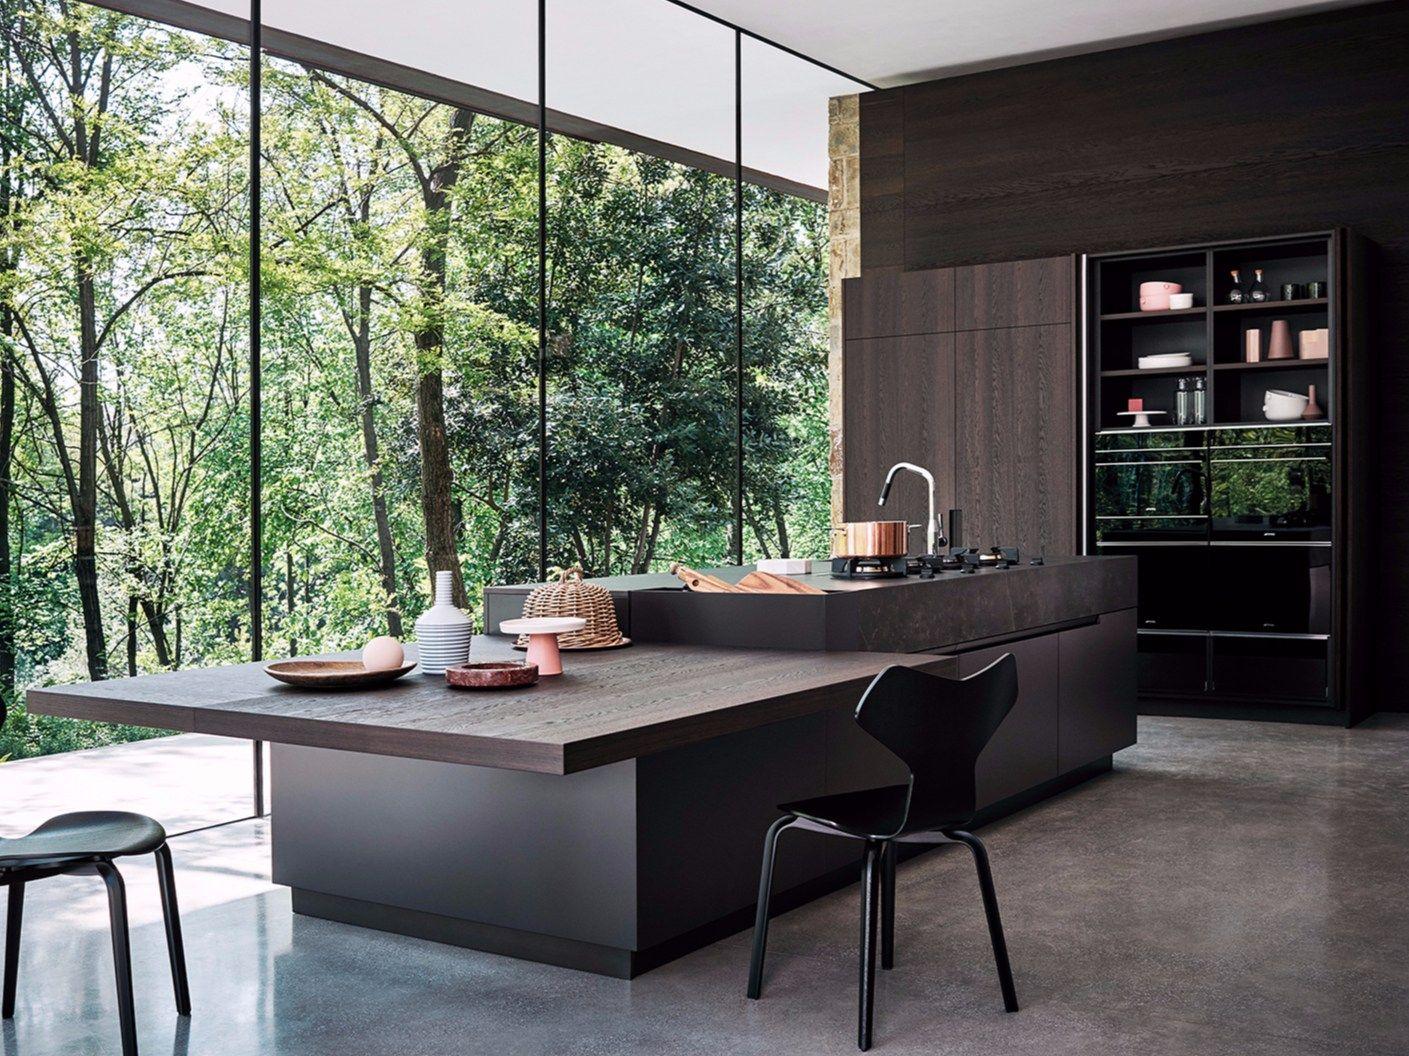 Einbauküche aus Eichenholz mit Kücheninsel MAXIMA 2.2 - COMPOSITION ...